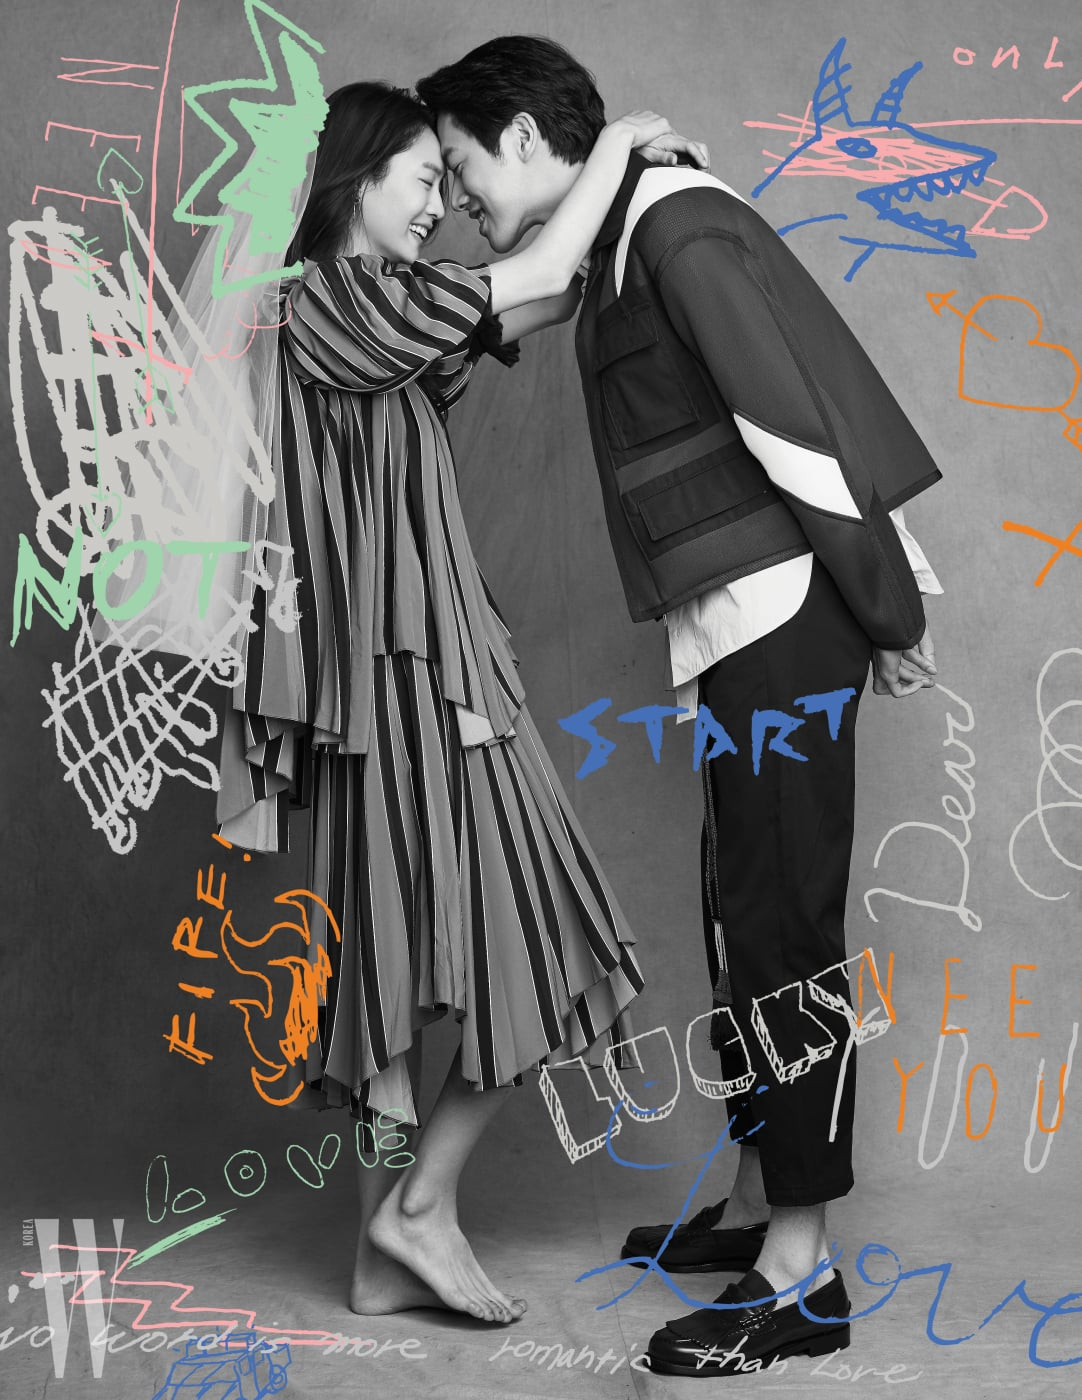 주선영이 입은 줄무늬 패턴 블라우스와 스커트는 Givenchy 제품. 박지운이 입은 블루종과 셔츠, 크롭트 팬츠는 모두 Valentino, 슈즈는 Burberry 제품.